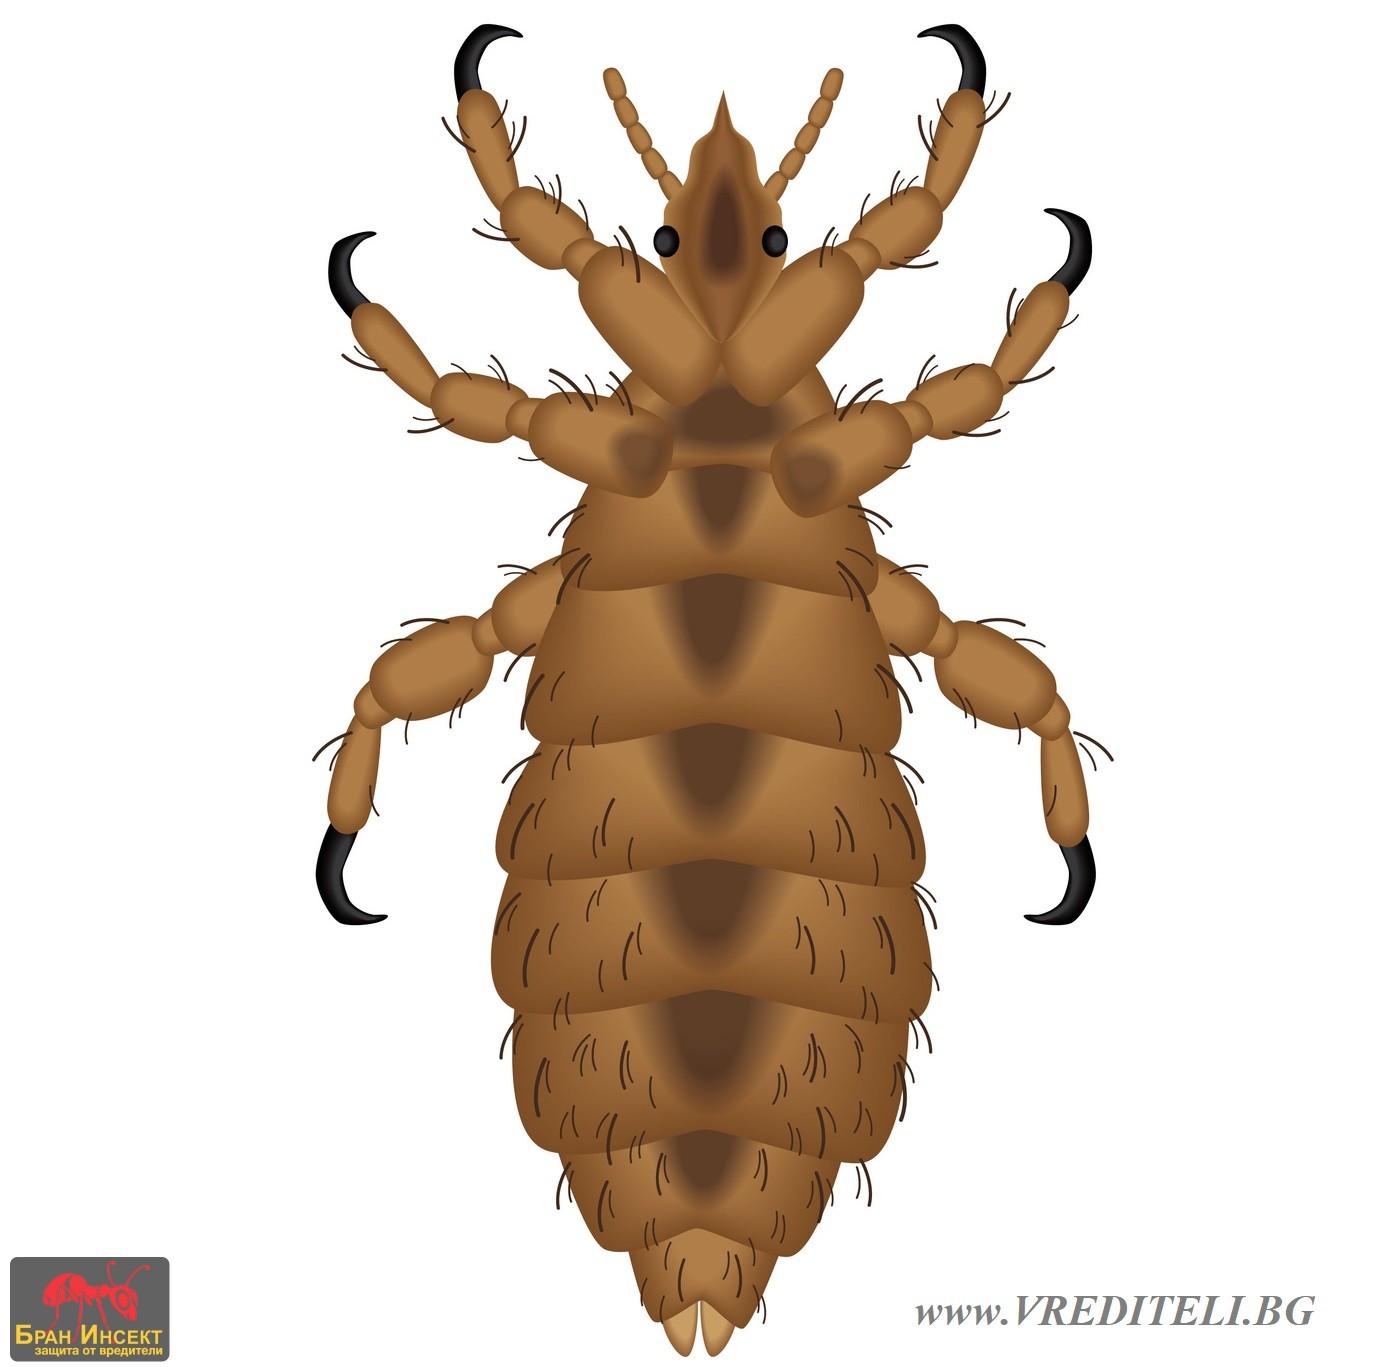 Аргасов кърлеж (акар) Argasidae